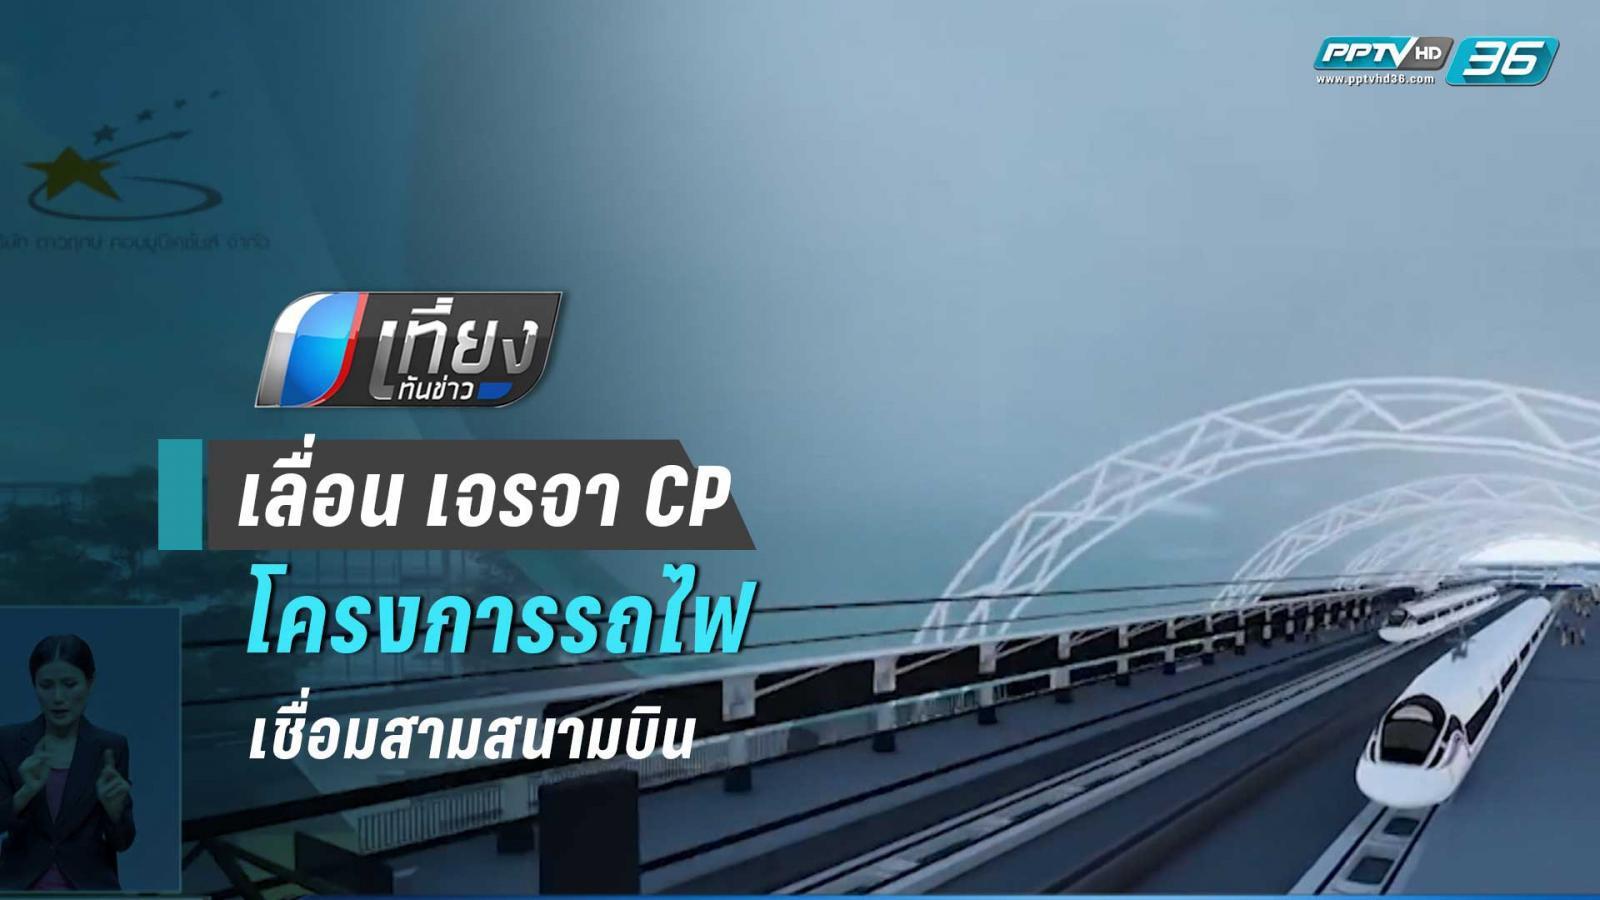 เลื่อนเจรจา CP  โครงการรถไฟเชื่อมสามสนามบิน